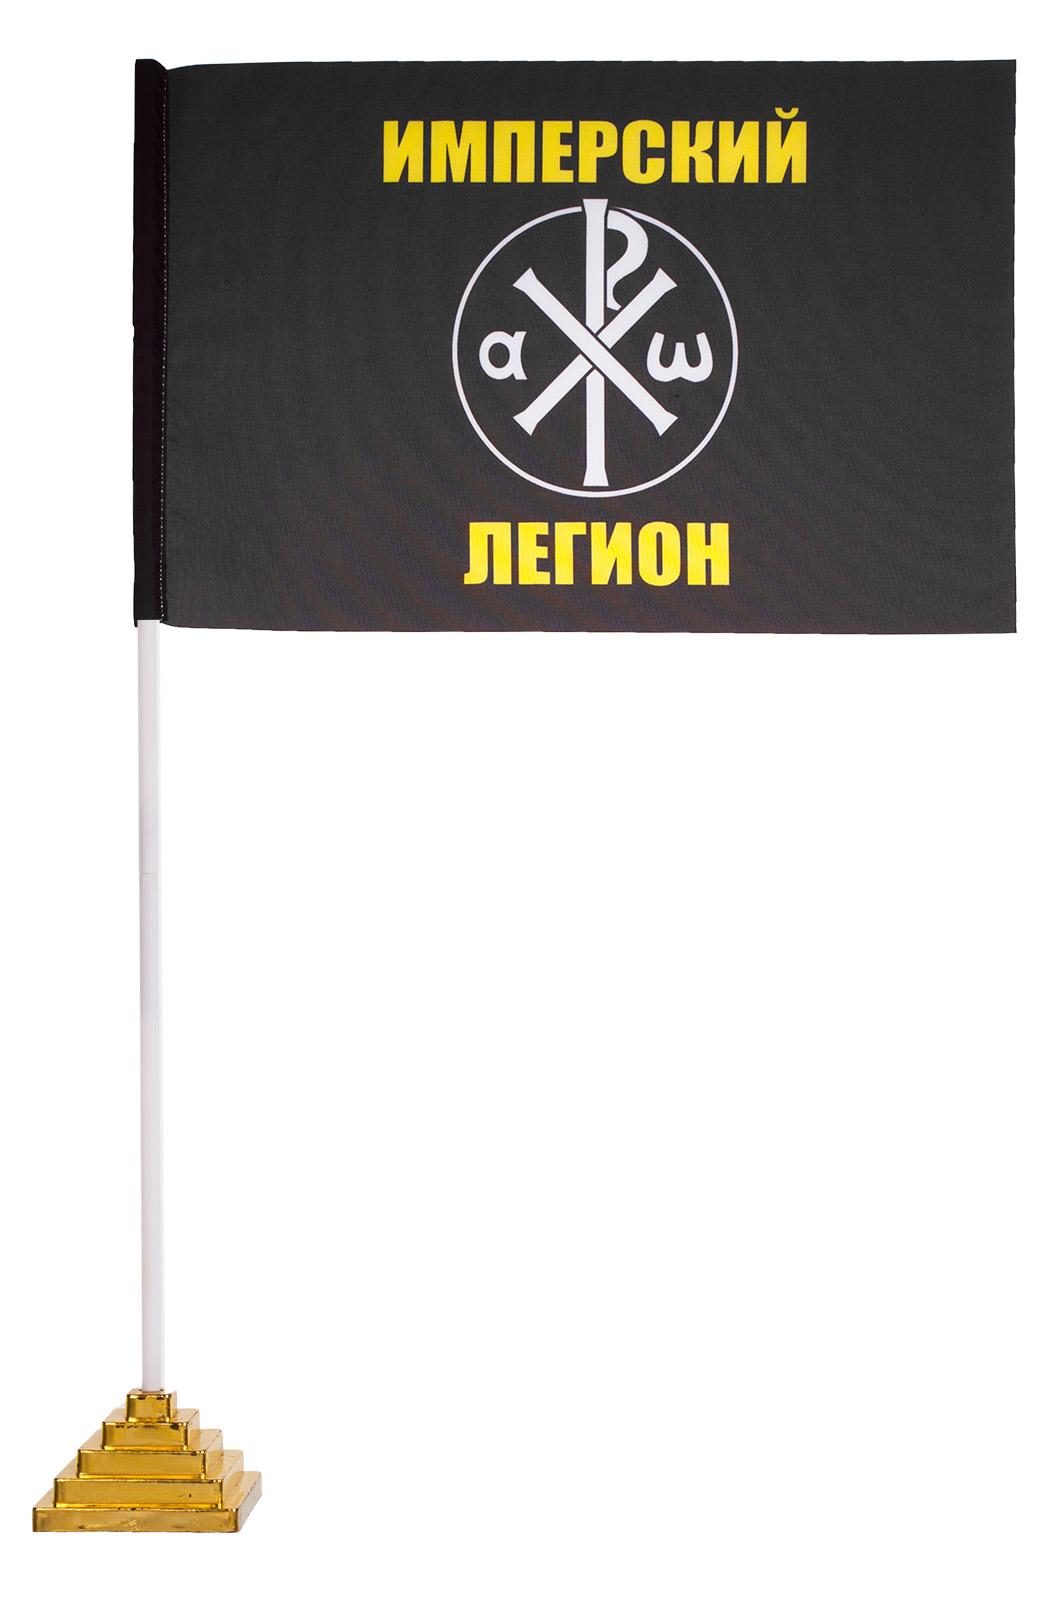 Настольный флажок Имперского легиона